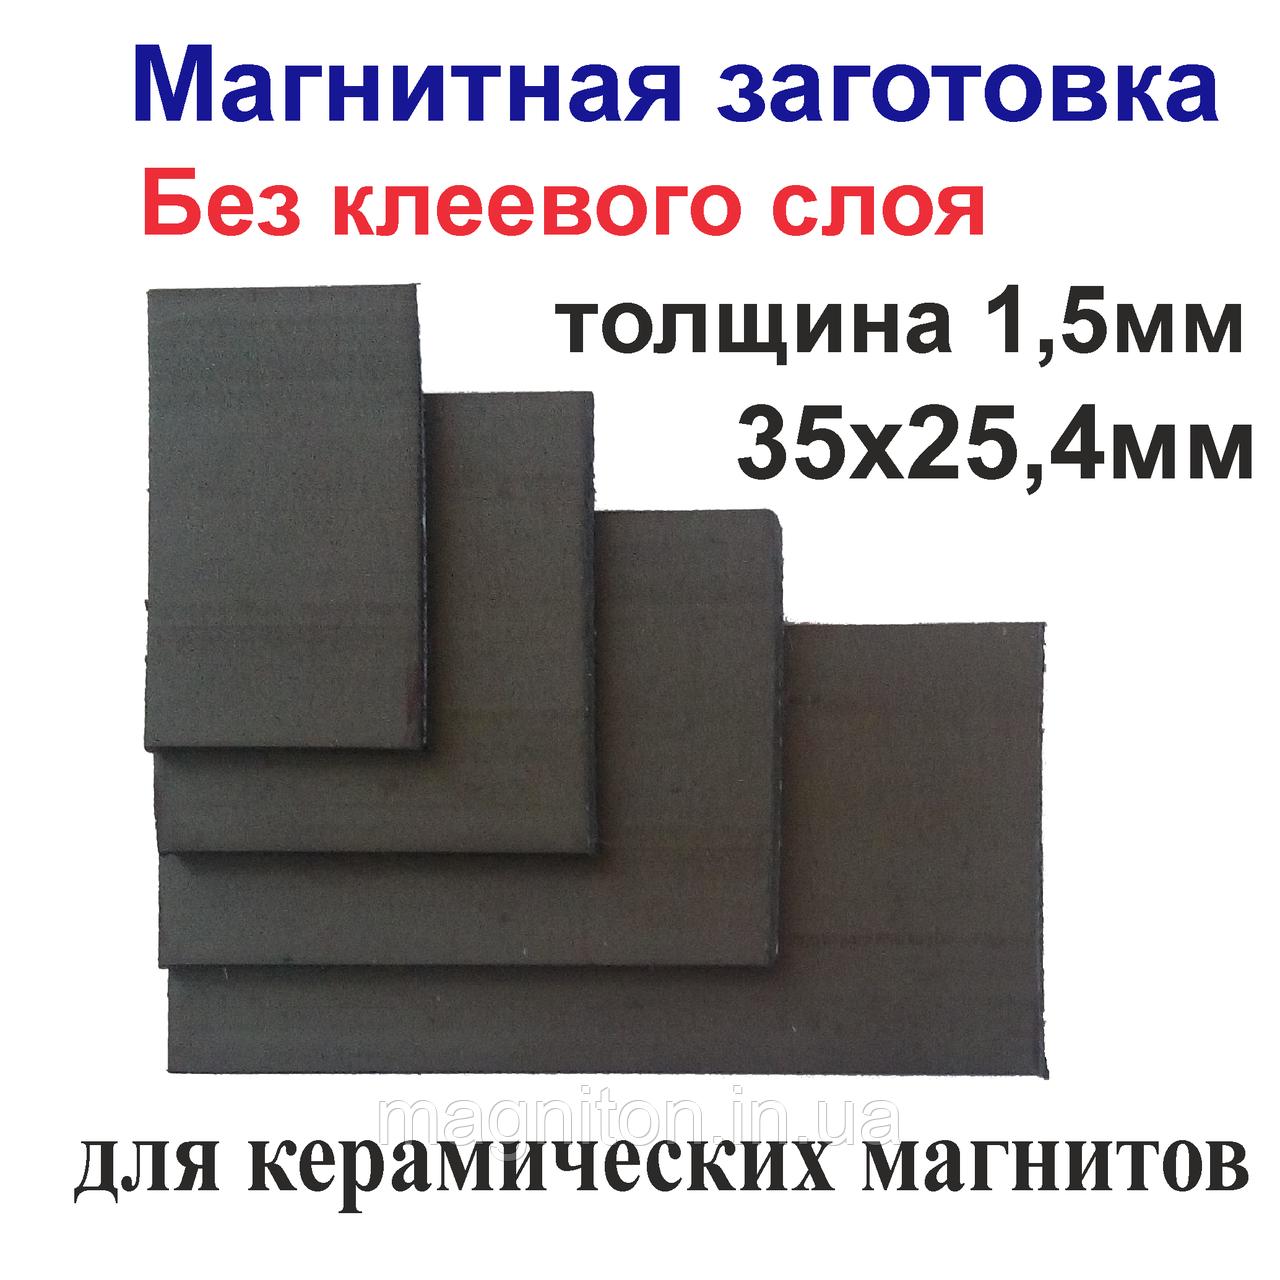 Магнитная заготовка 35х25,4мм без клеевого слоя для керамических магнитов